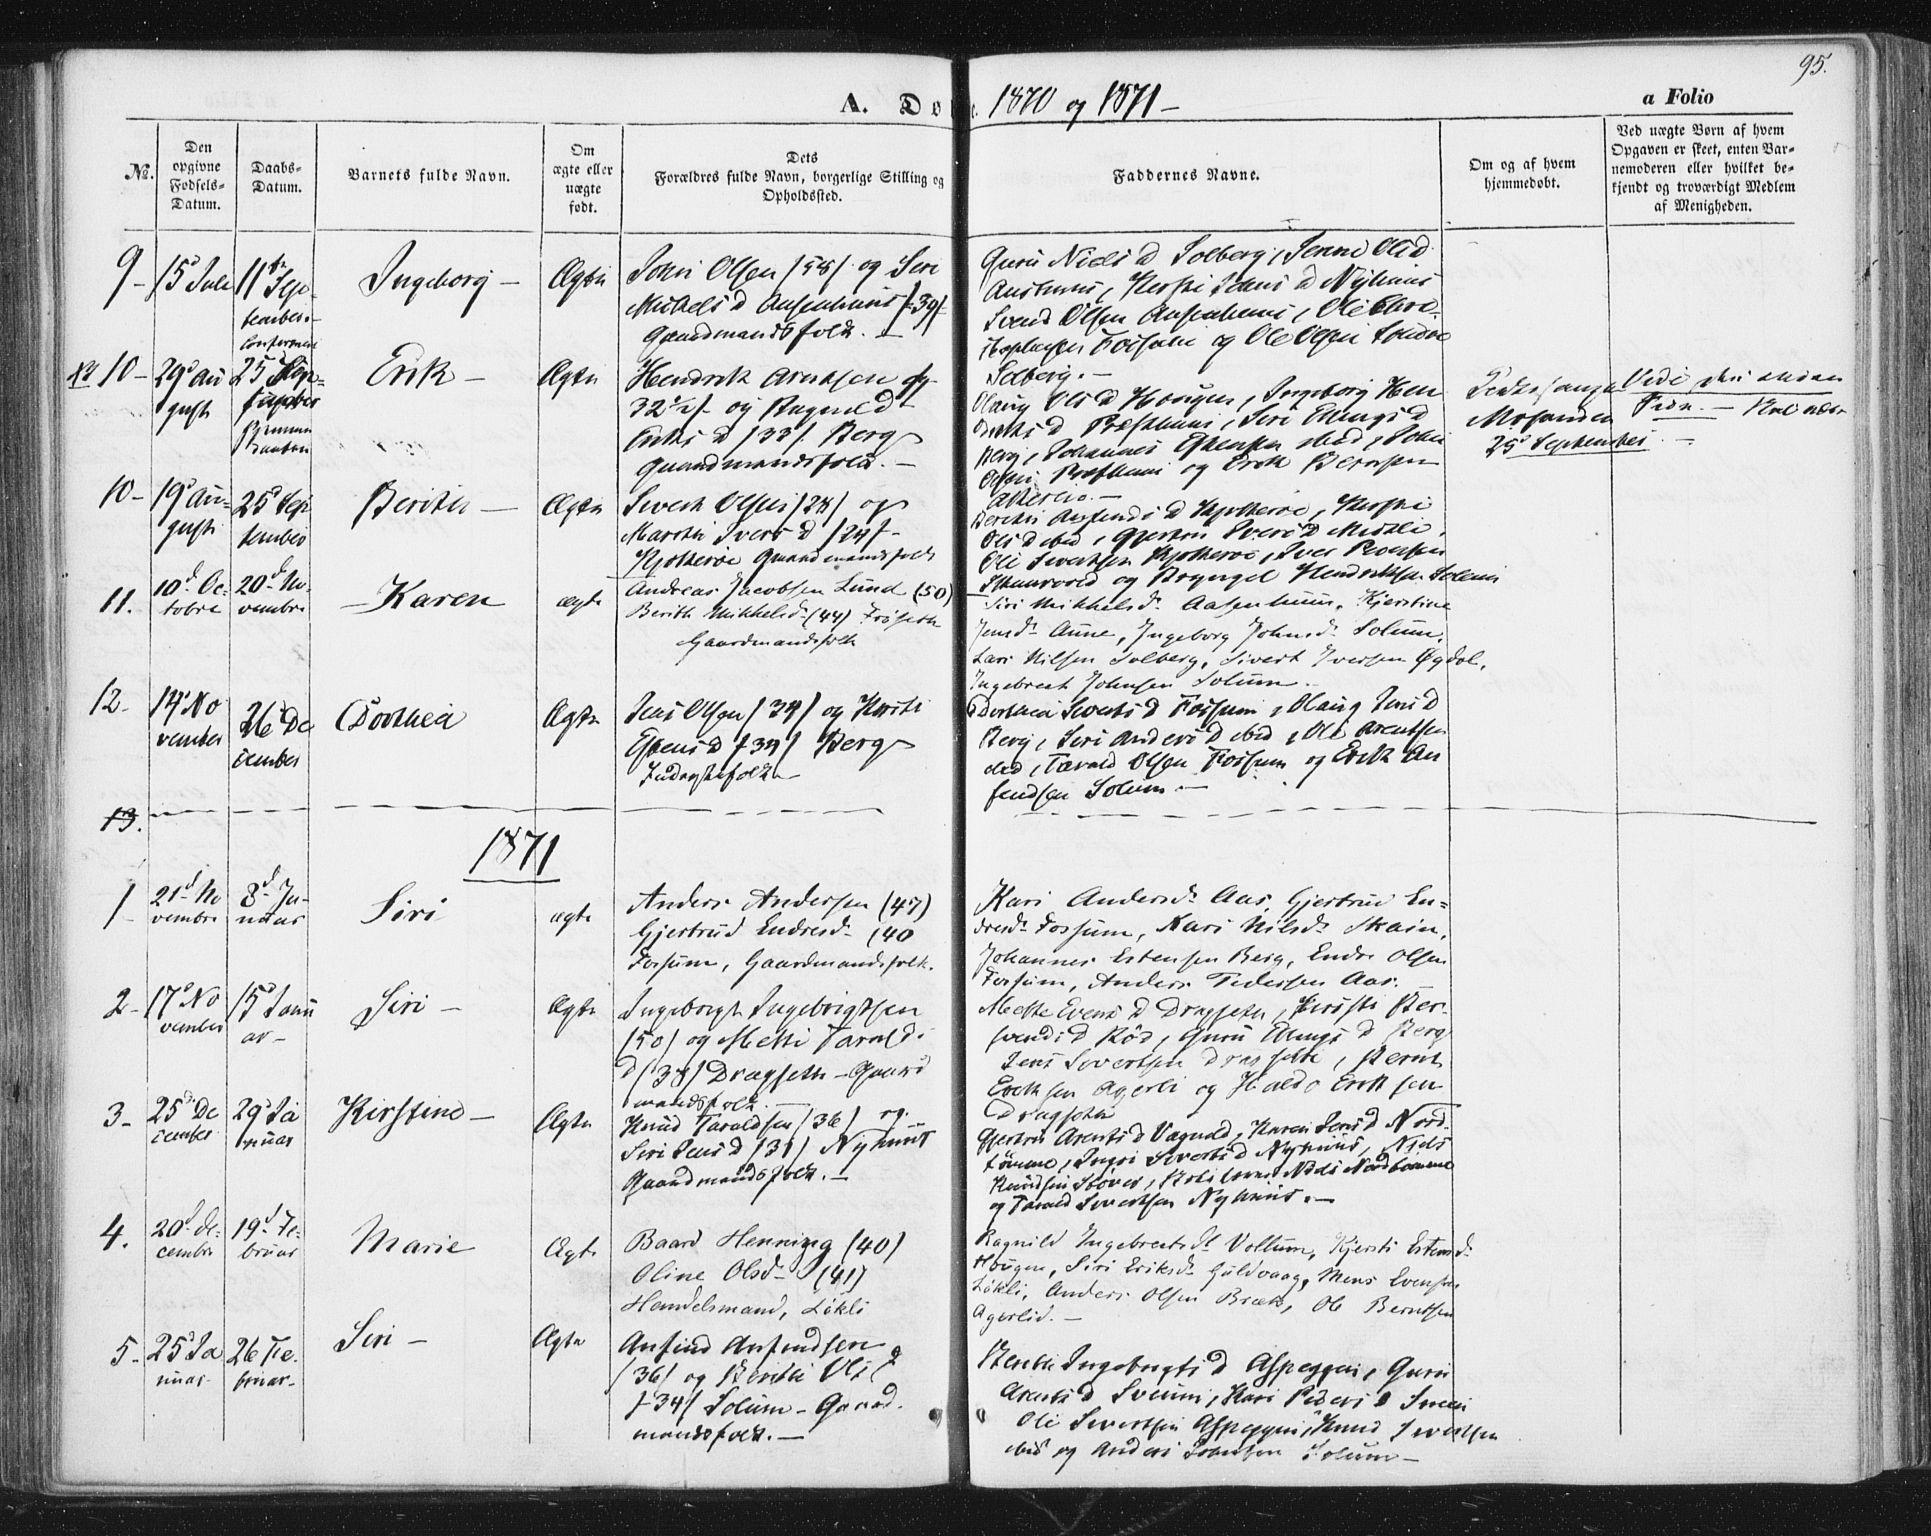 SAT, Ministerialprotokoller, klokkerbøker og fødselsregistre - Sør-Trøndelag, 689/L1038: Ministerialbok nr. 689A03, 1848-1872, s. 95